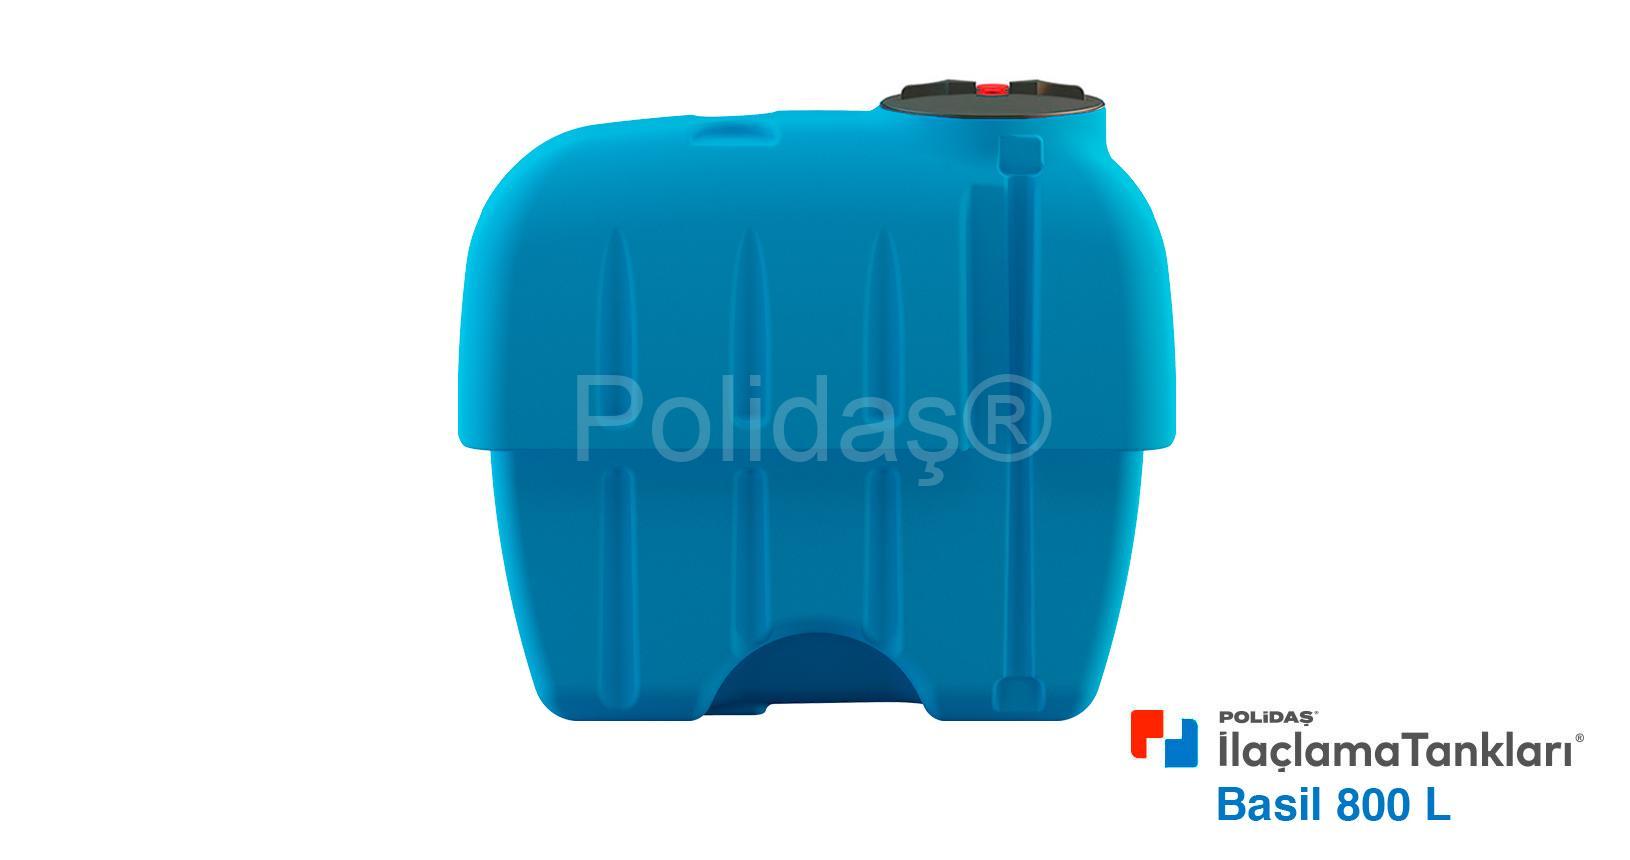 ilaclama-tanki-basil800-1